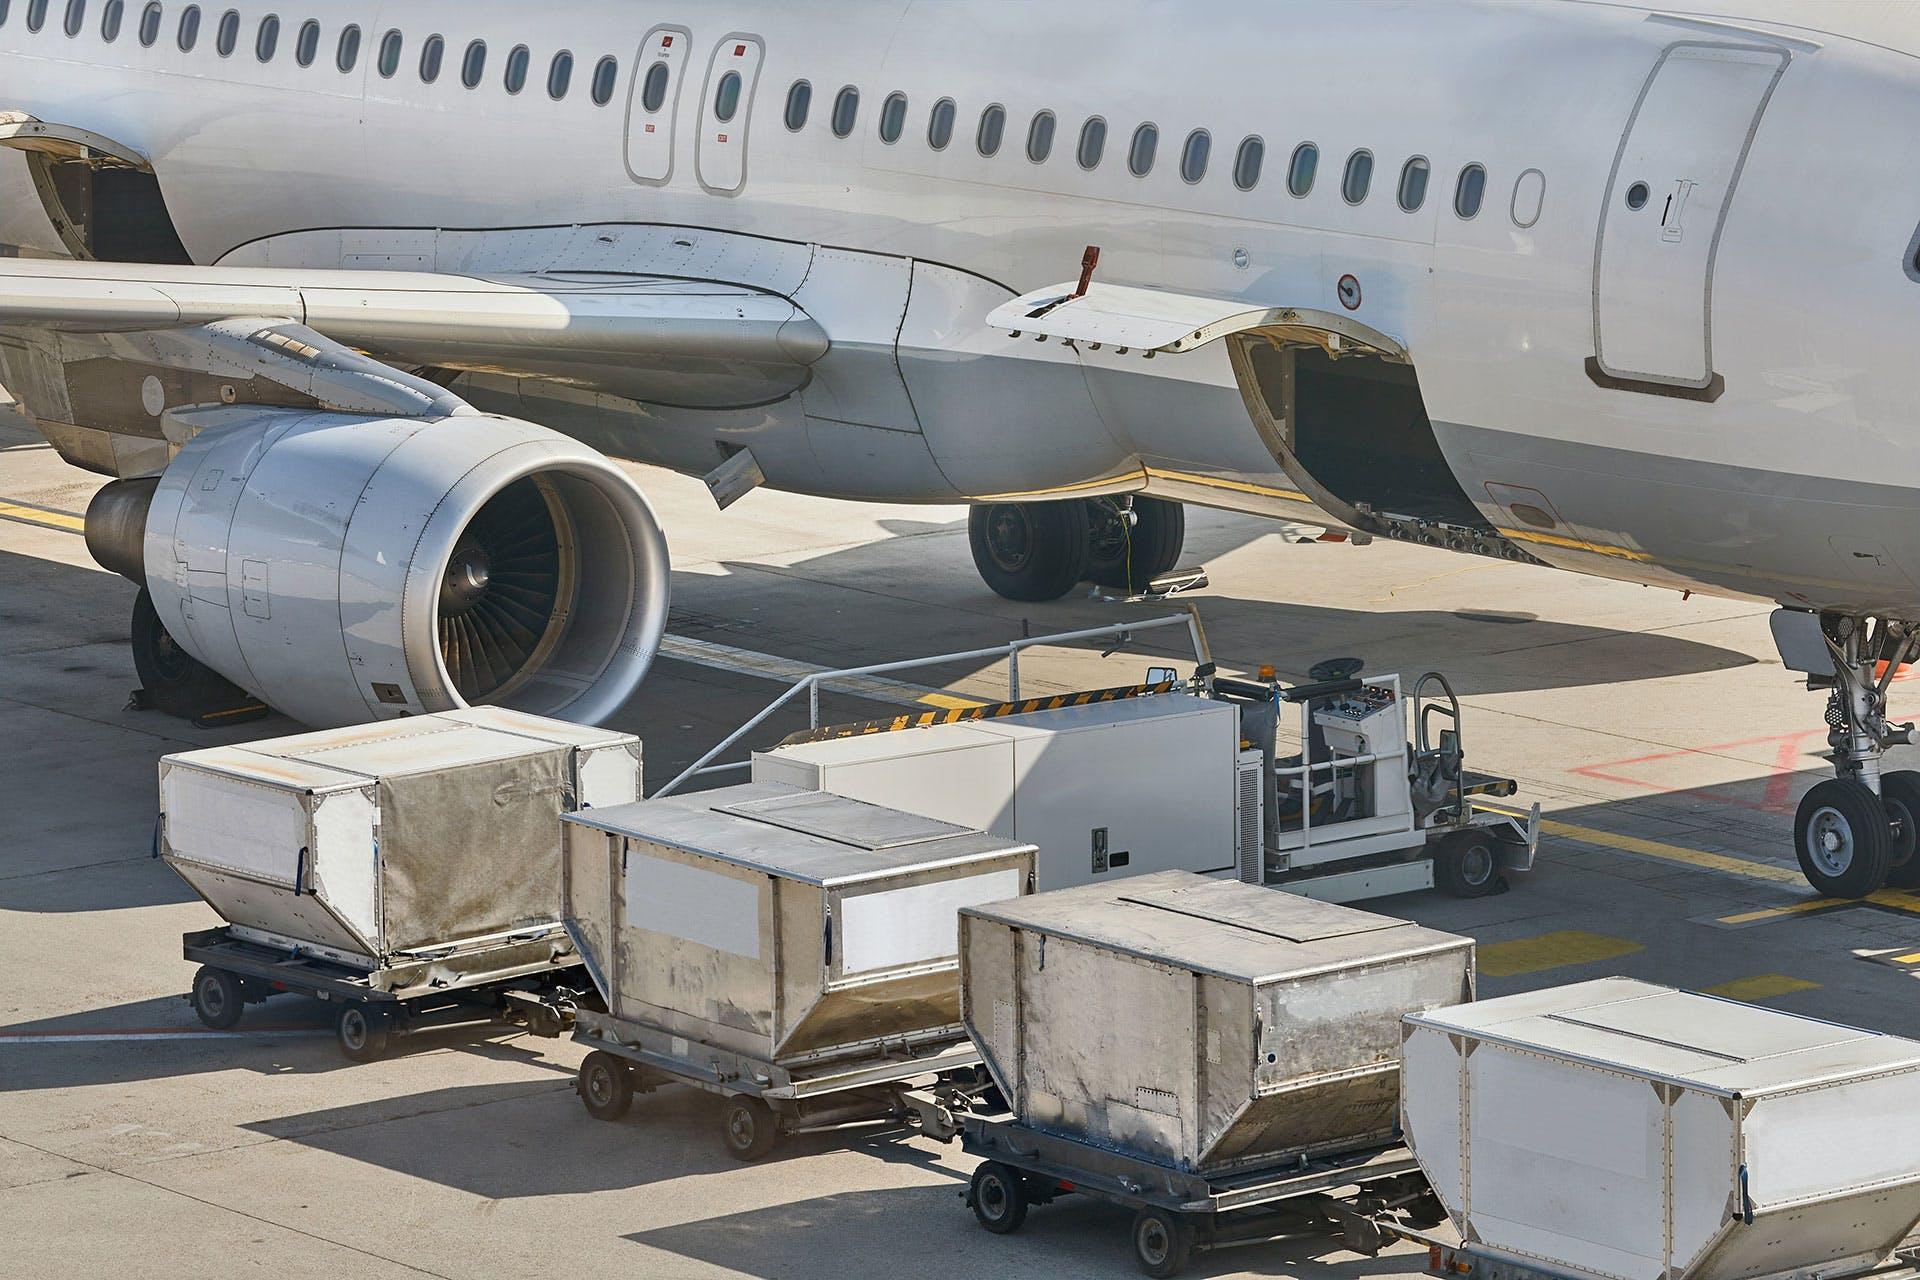 Mit den Daten der VITRONIC Auto-ID-Systeme Beladung in Containern und Lkw zentimetergenau planen.